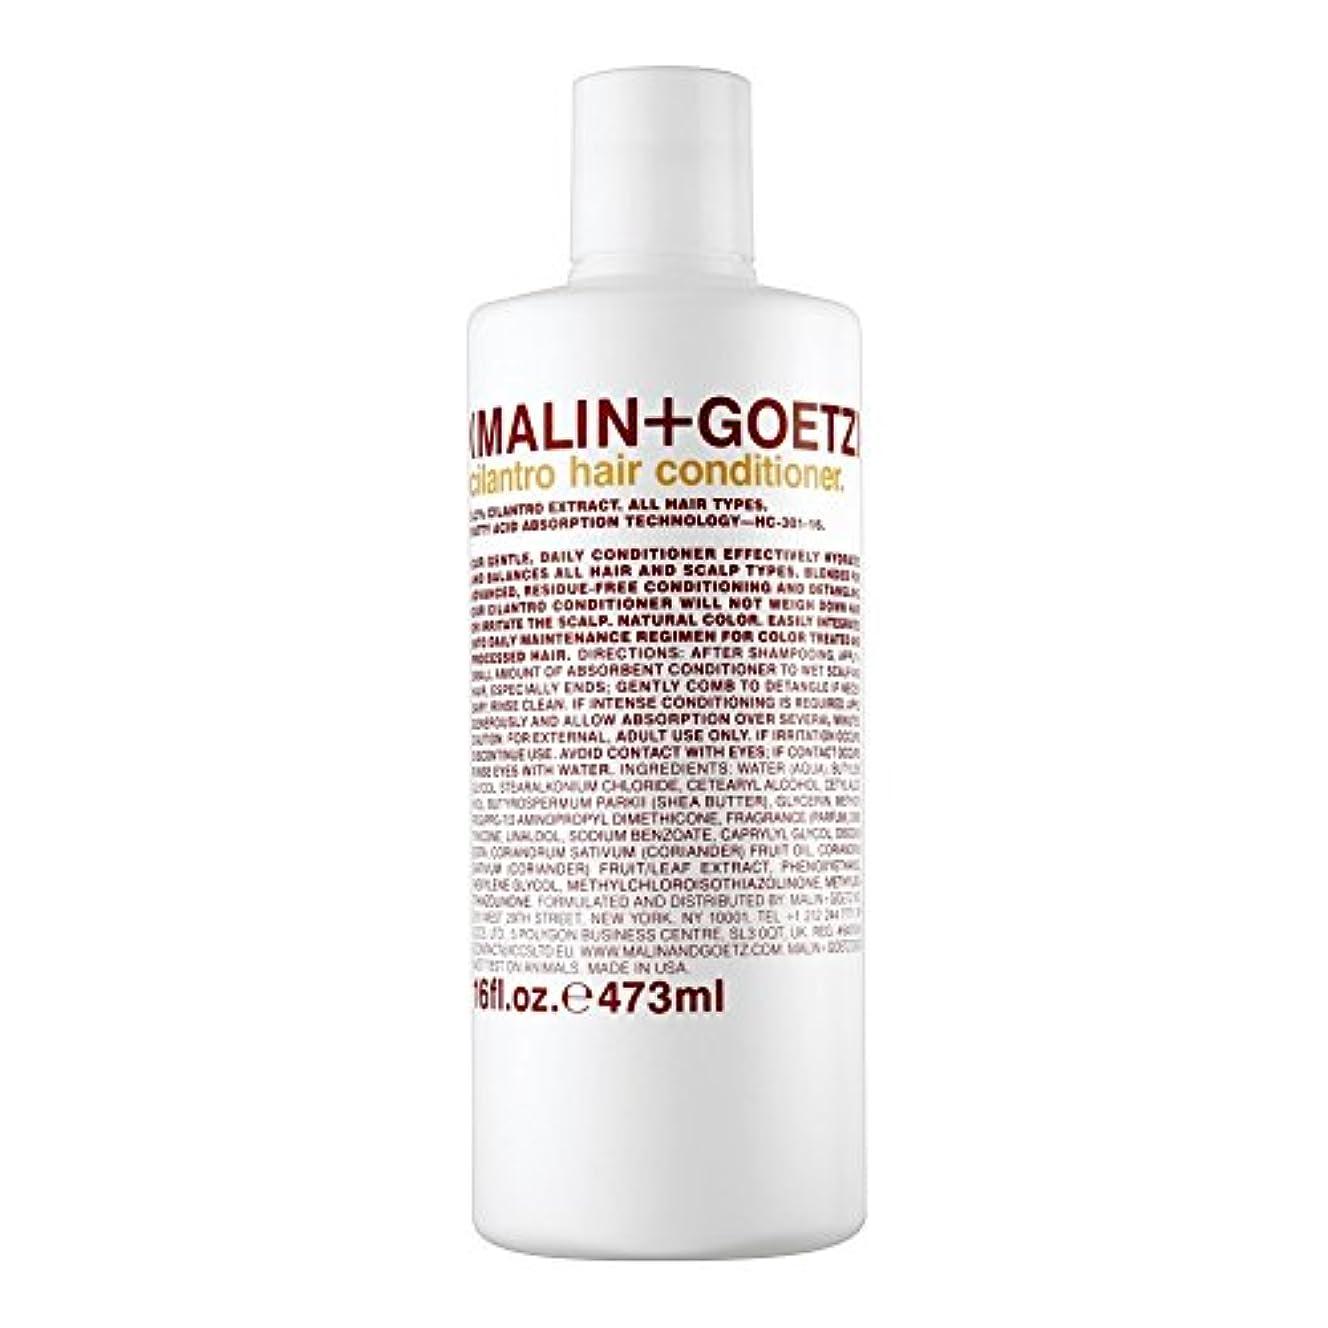 写真ボルトボルトマリン+ゲッツコリアンダーのヘアコンディショナー473ミリリットル x4 - MALIN+GOETZ Cilantro Hair Conditioner 473ml (Pack of 4) [並行輸入品]